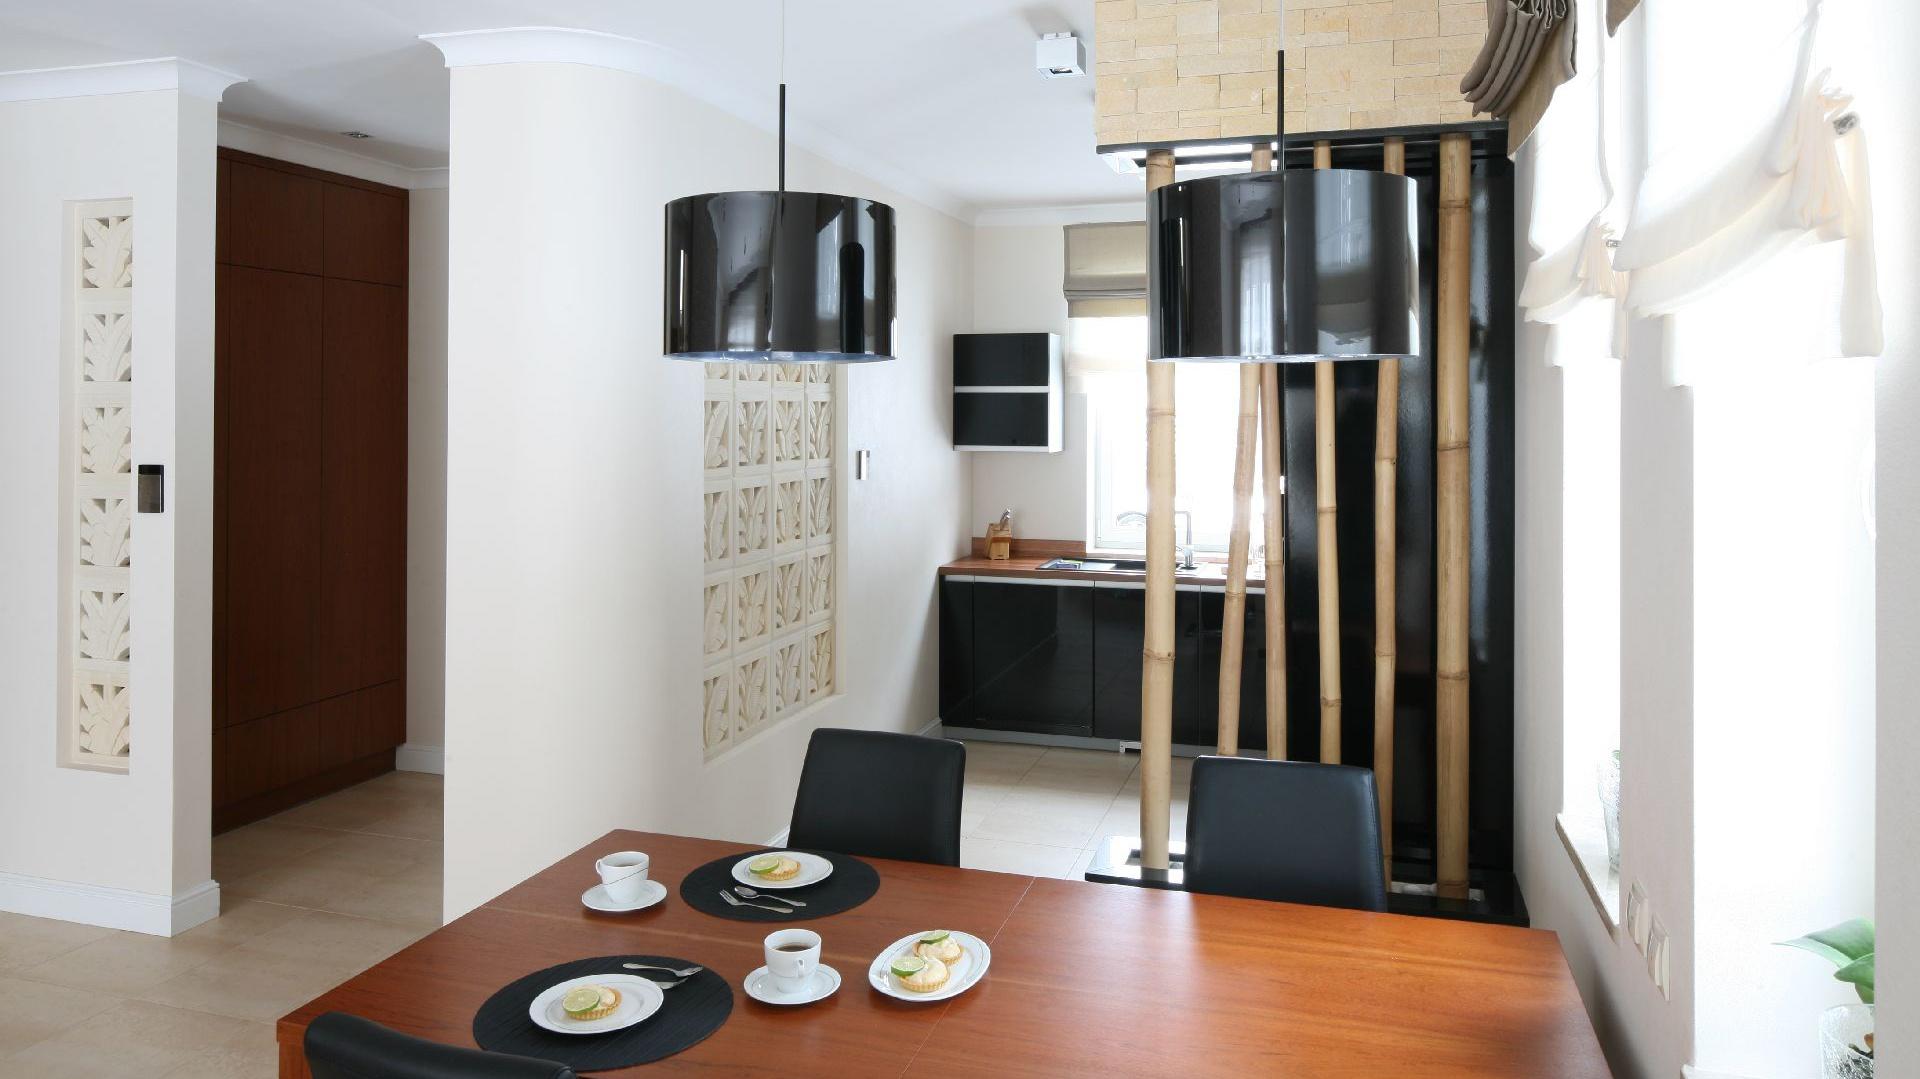 Kuchnia ulokowana jest we wnęce, a tuż o krok, przy oknie, stworzono strefę jadalnianą z własnym oświetleniem.